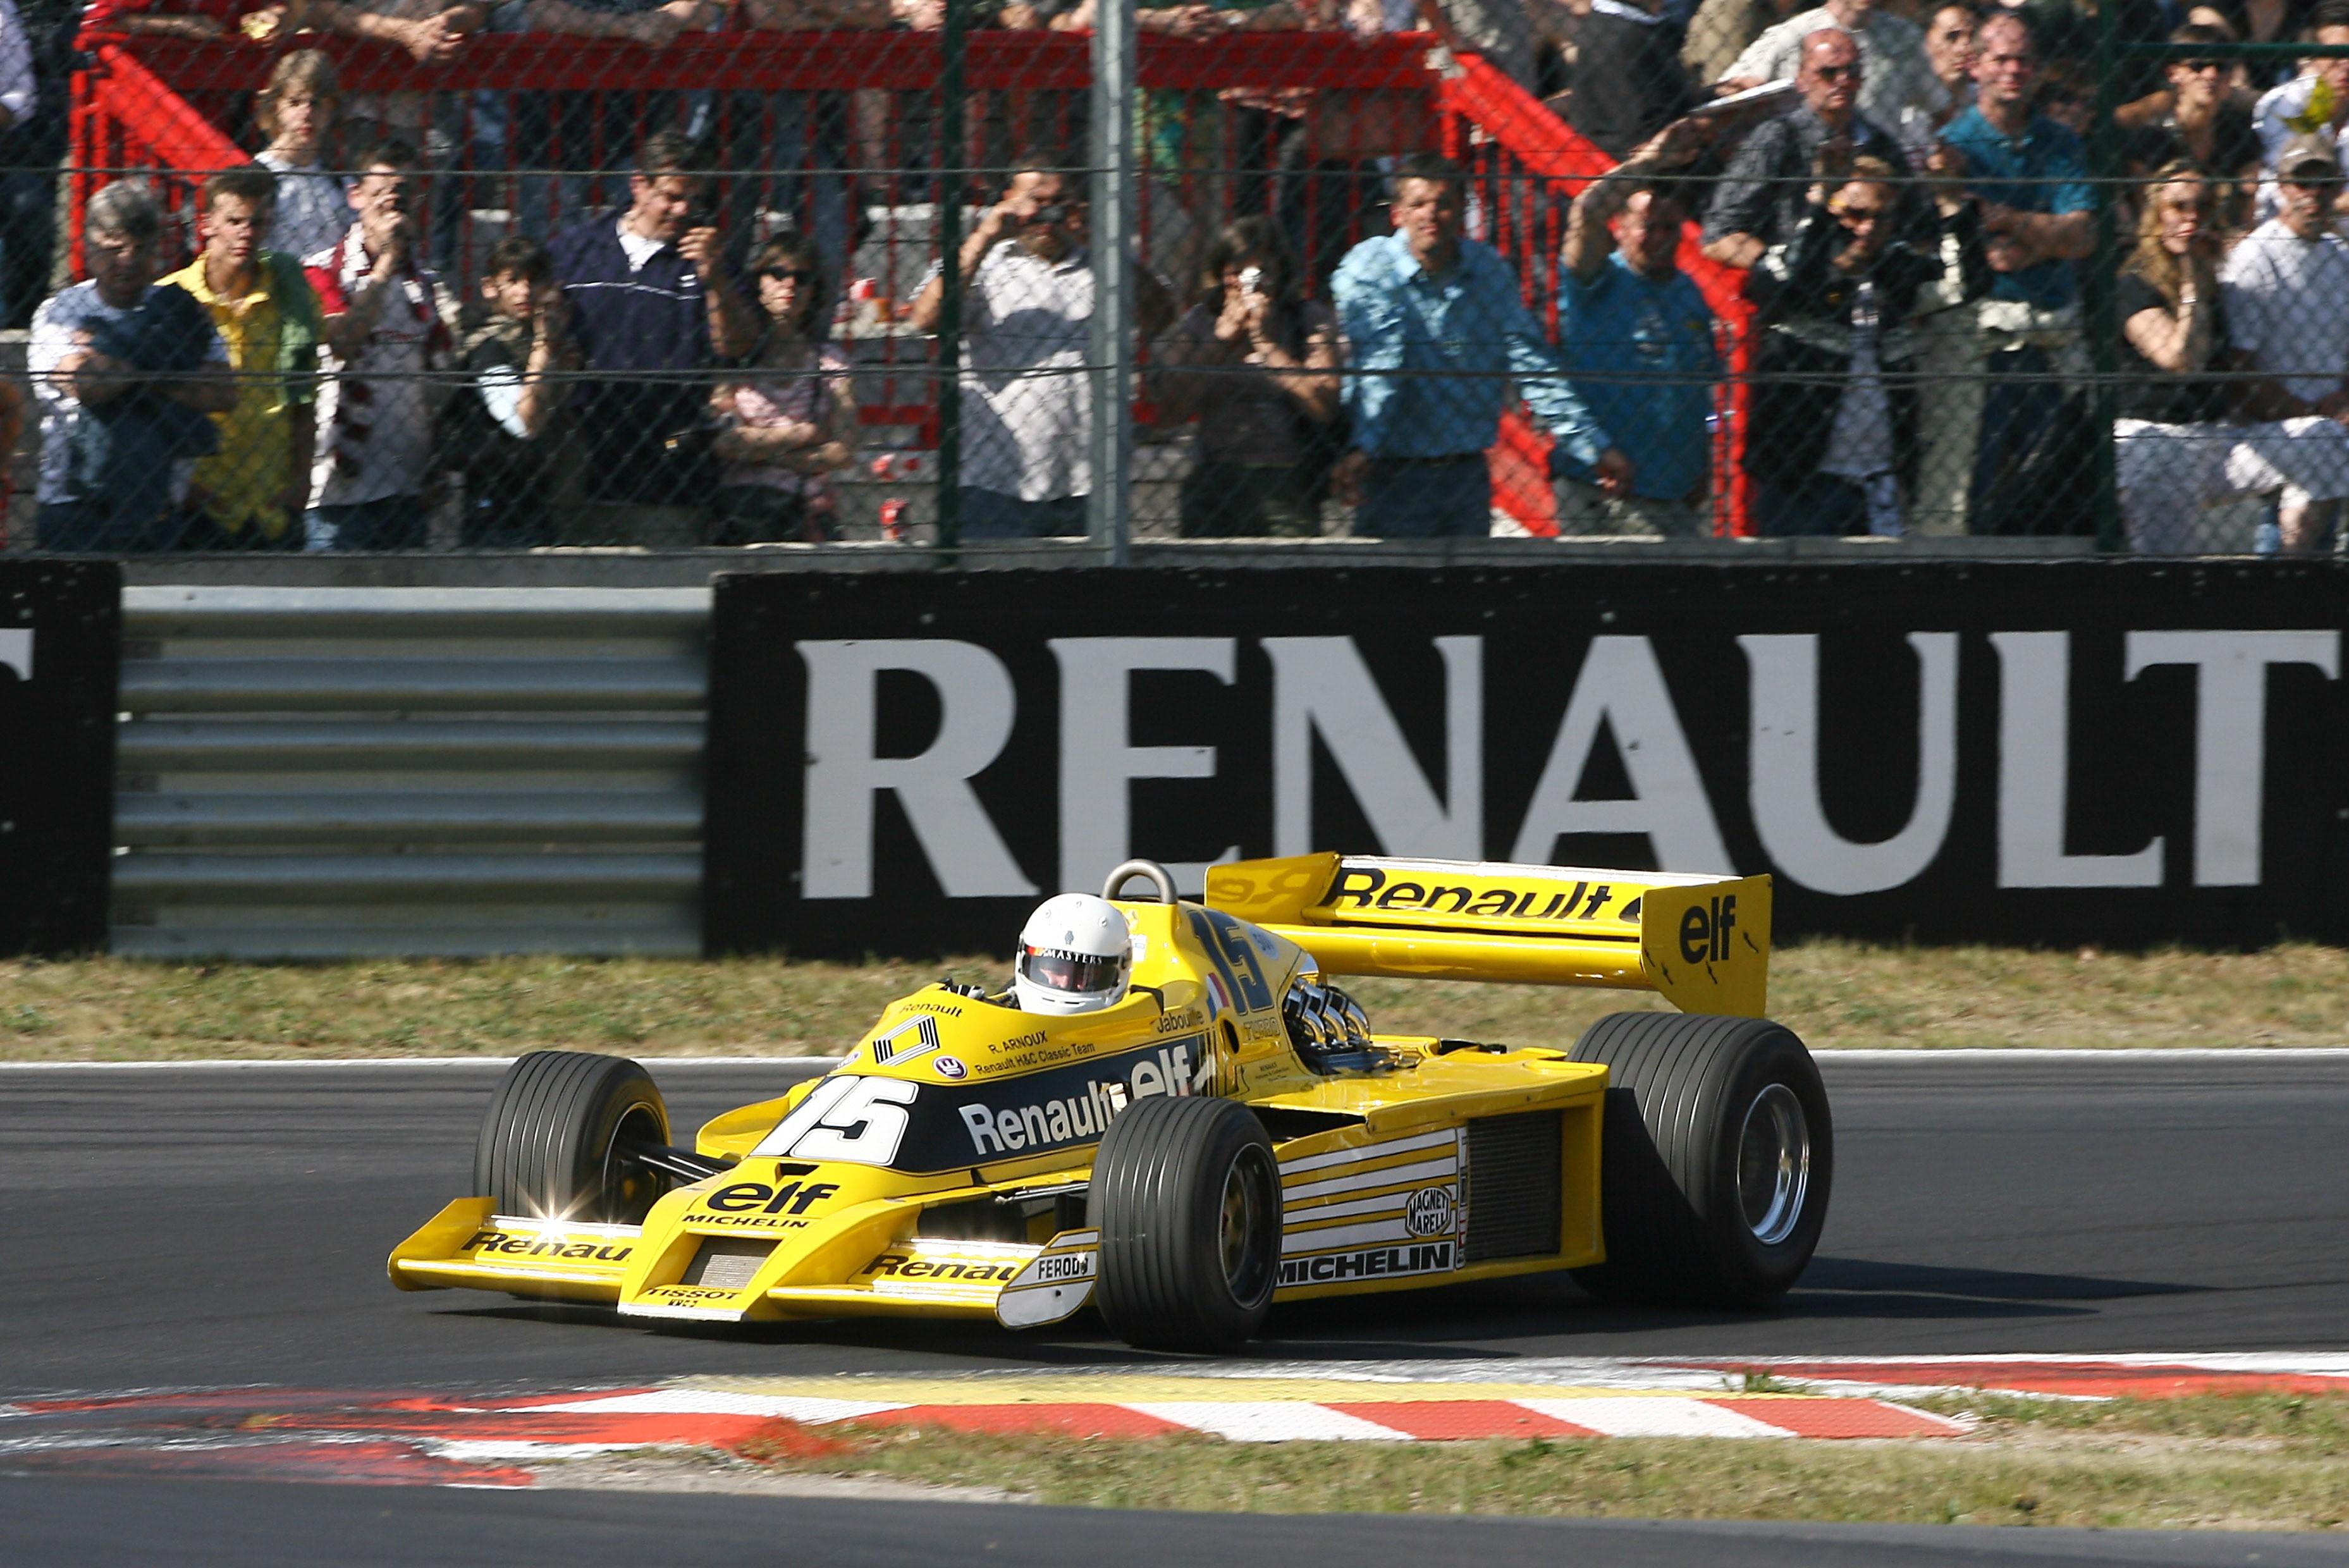 Renault a connu de grands succès en F1 (Photo DPPI)